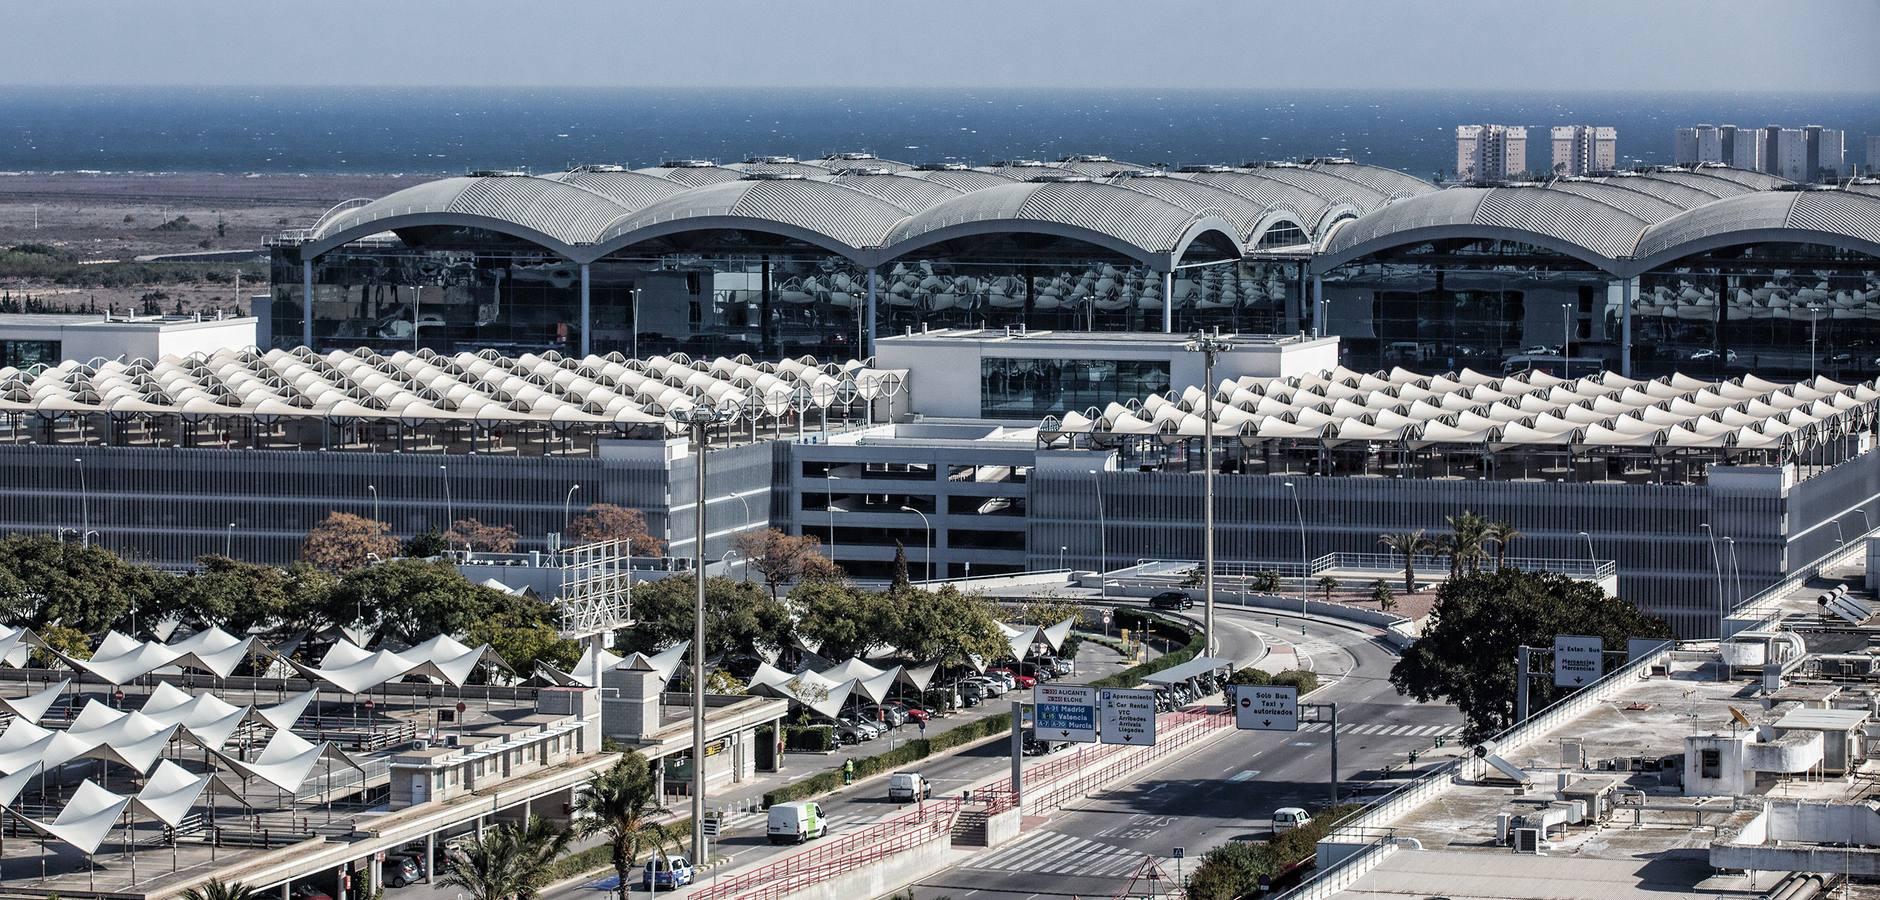 Aeroporto Alicante : Record figures for alicante airport the leader newspaper